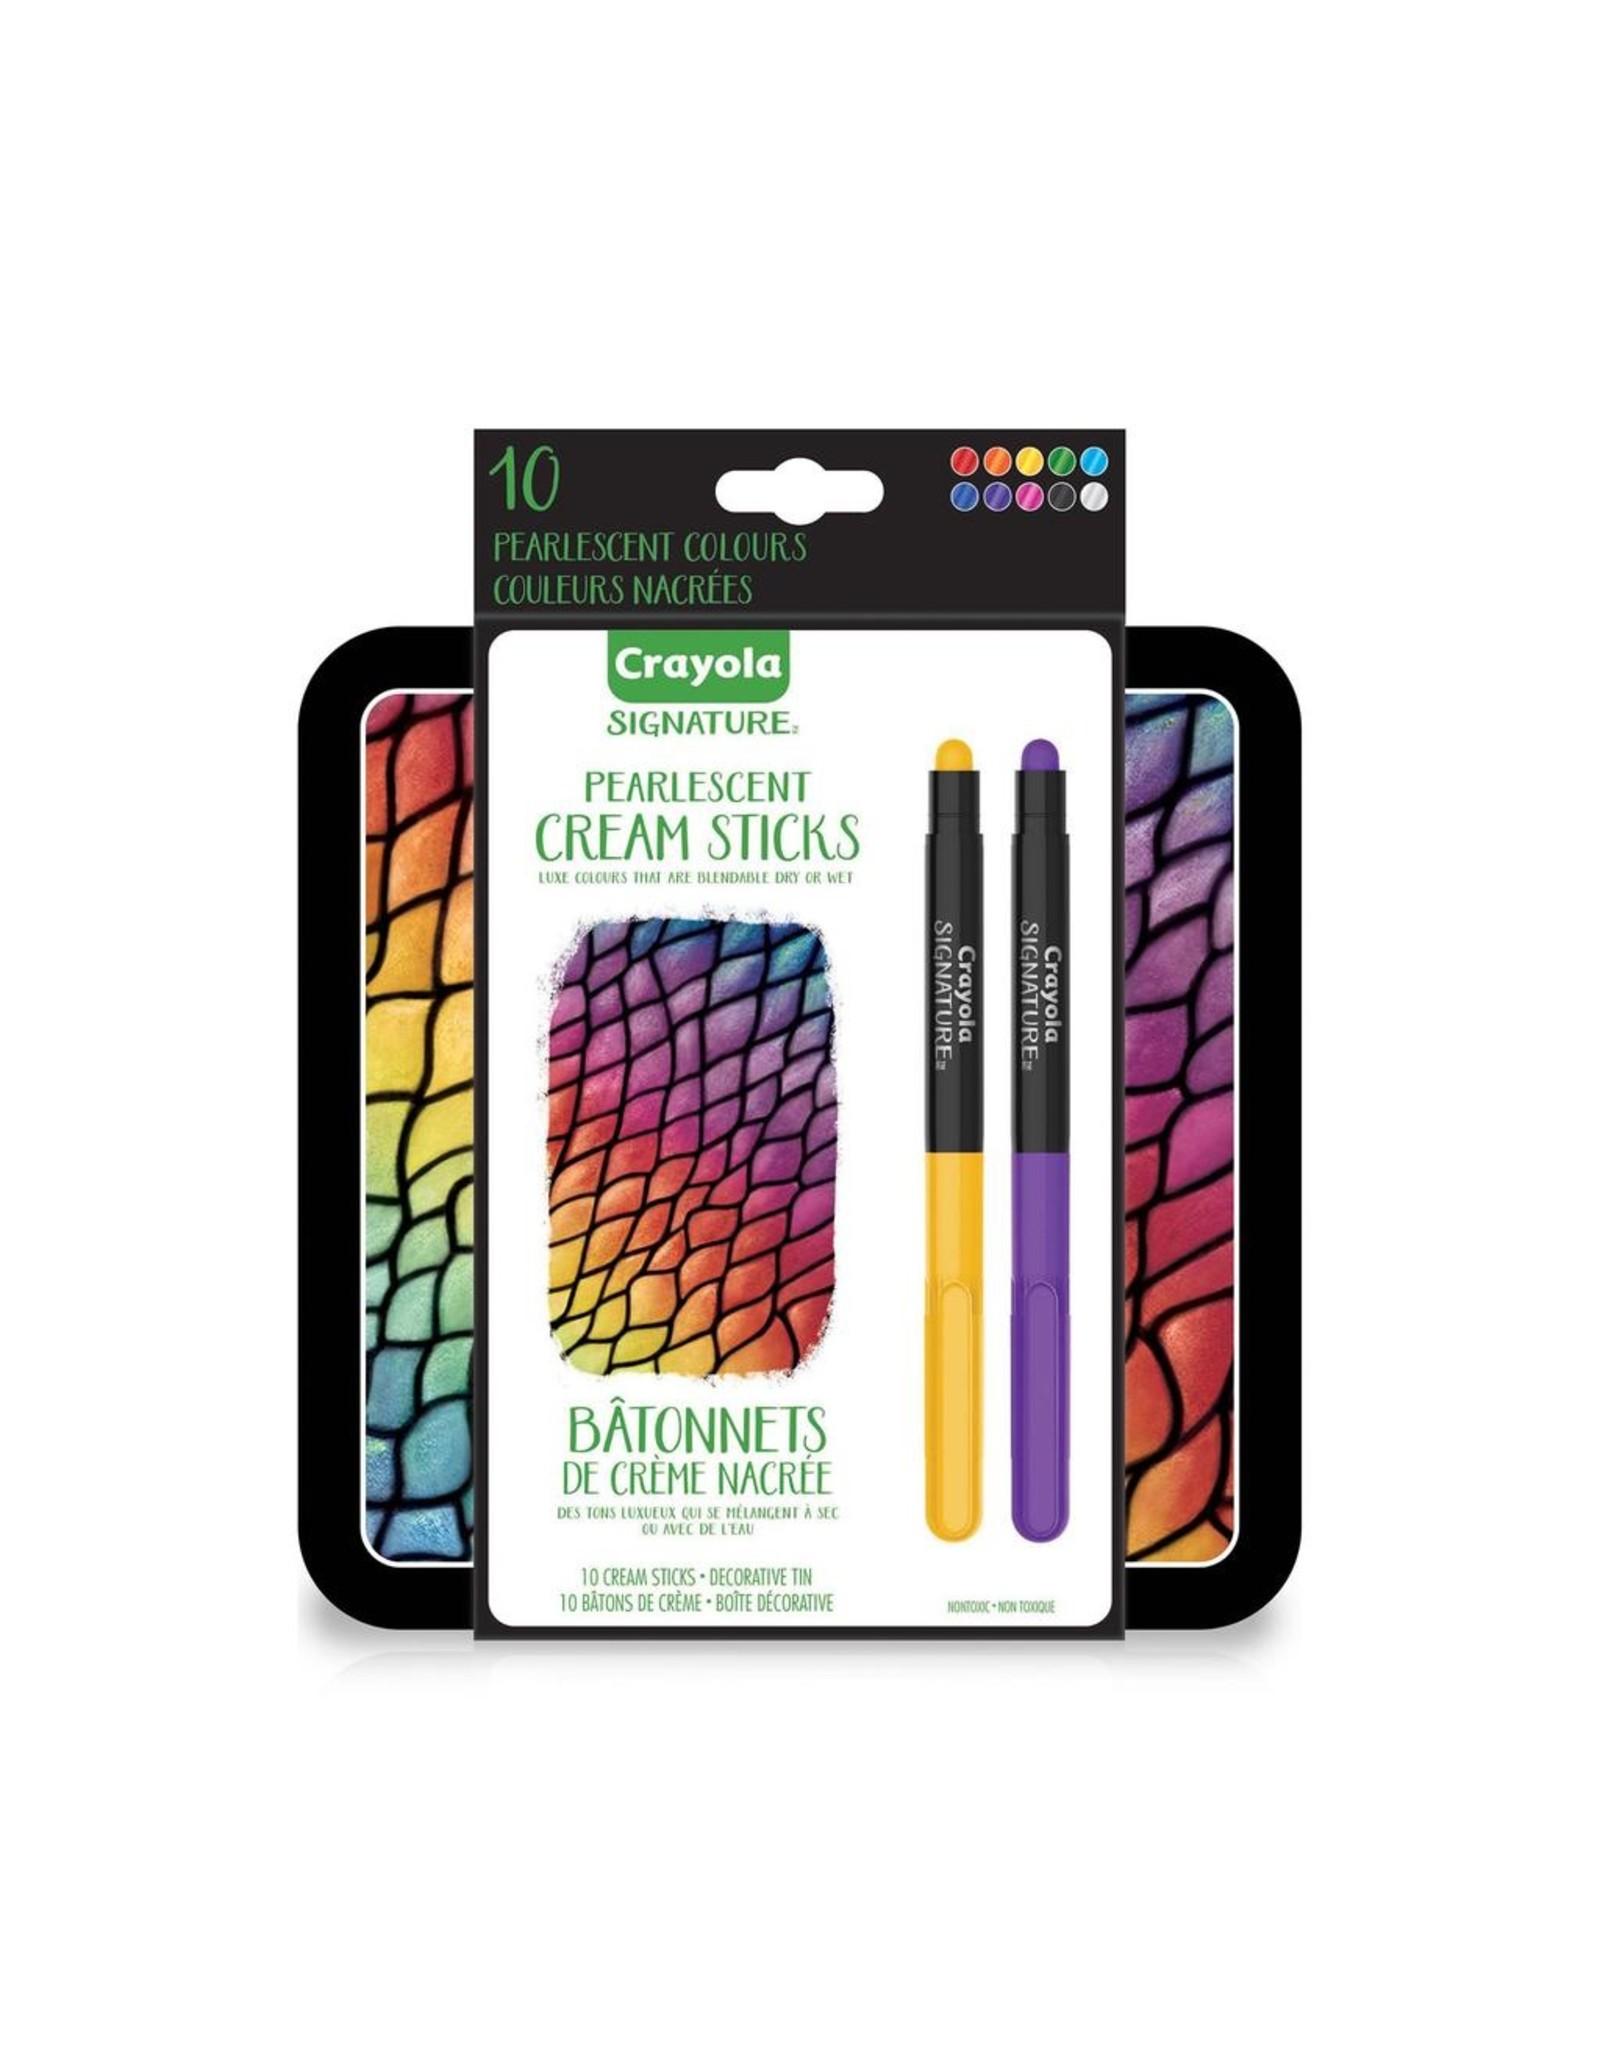 Crayola SIGNATURE 10CT PEARLESCENT CREAM STICKS